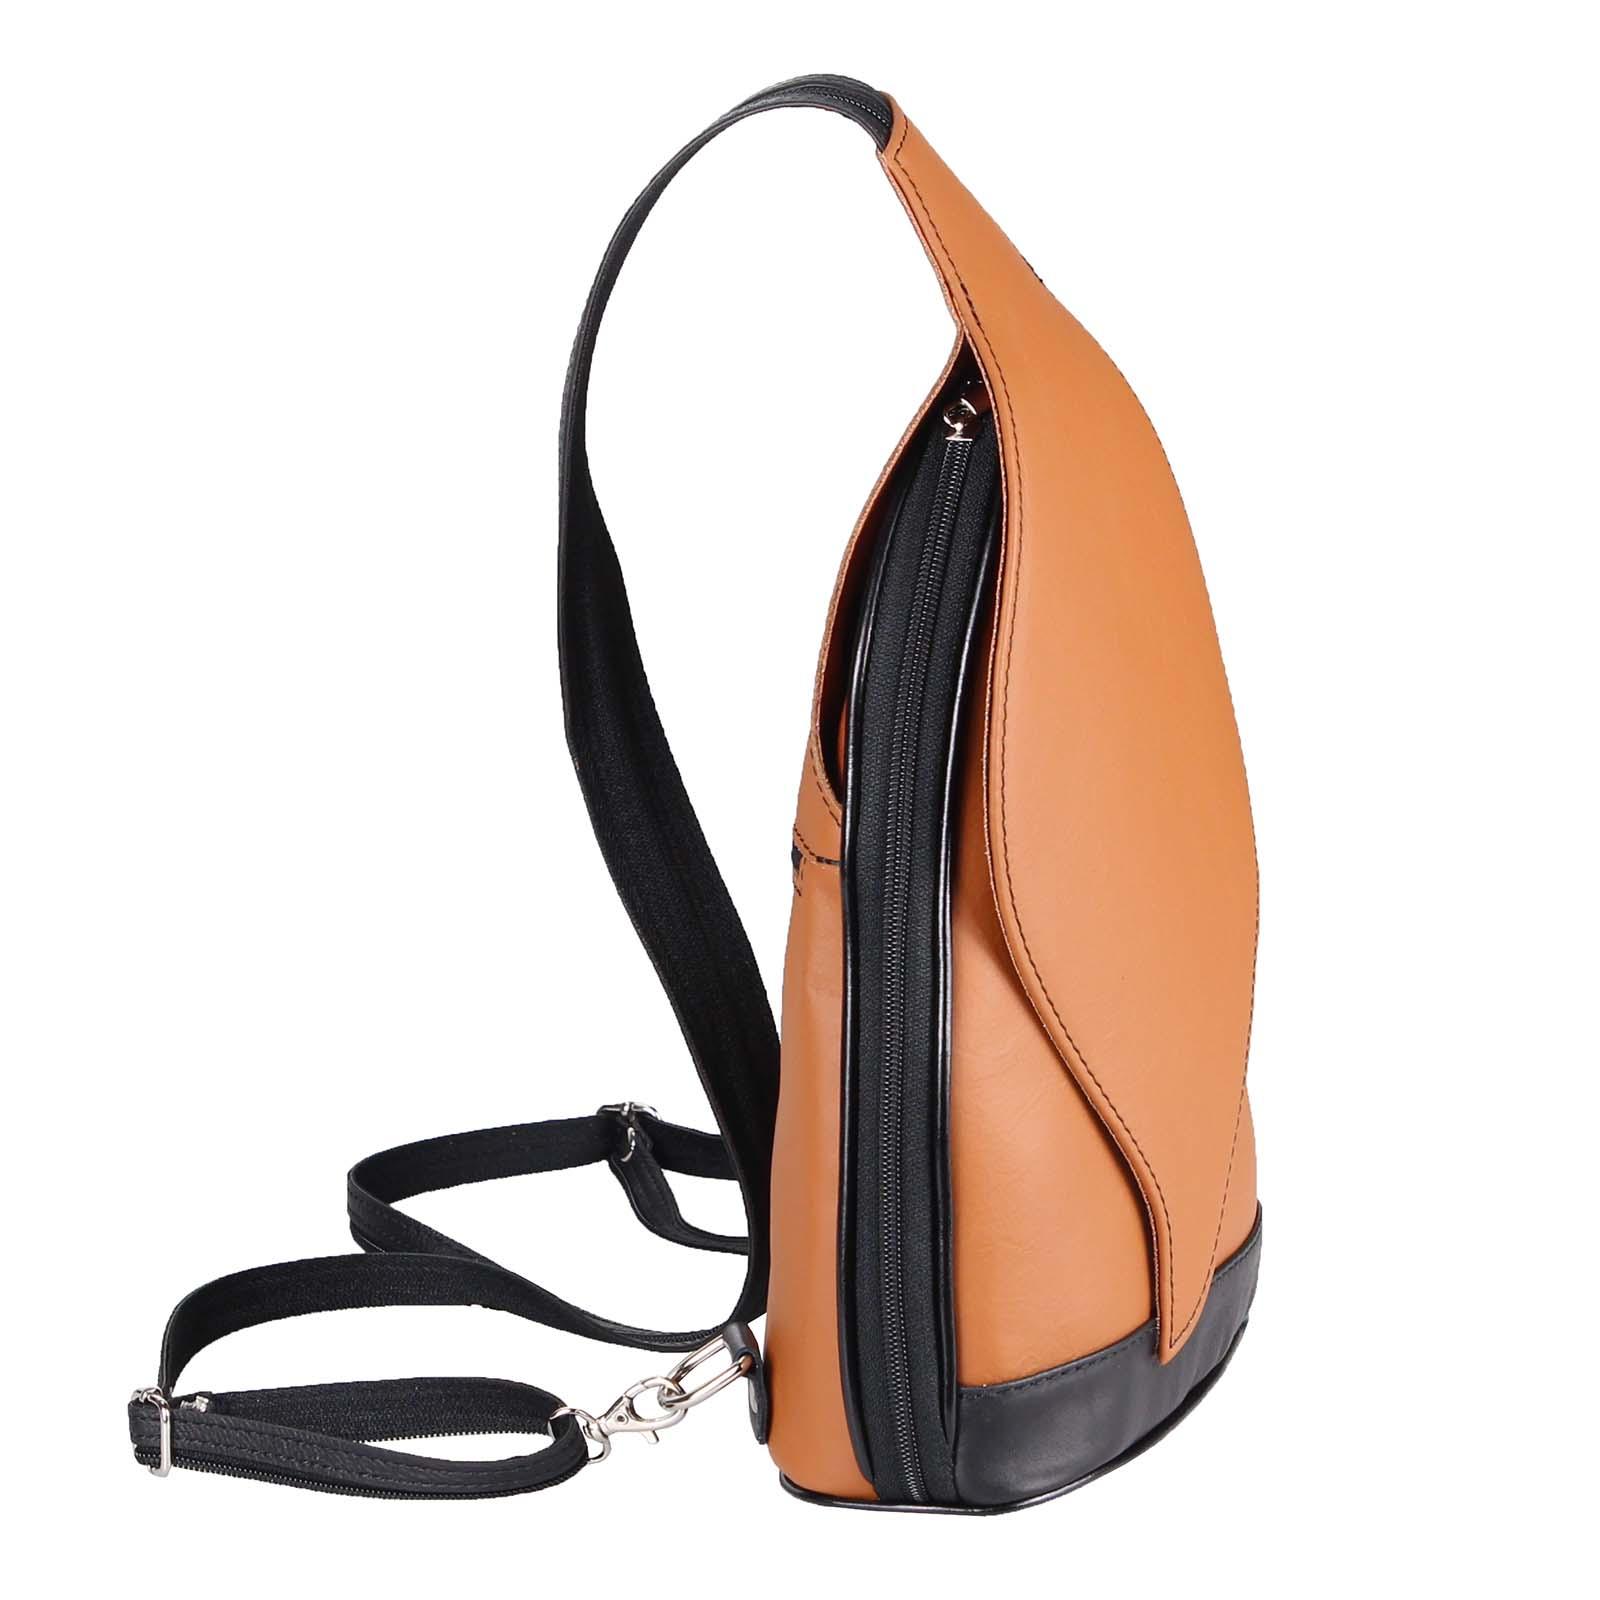 ITALY-DAMEN-LEDER-RUCKSACK-Schulter-Tasche-Reise-BACKPACK-Lederrucksack-it-BAG Indexbild 44